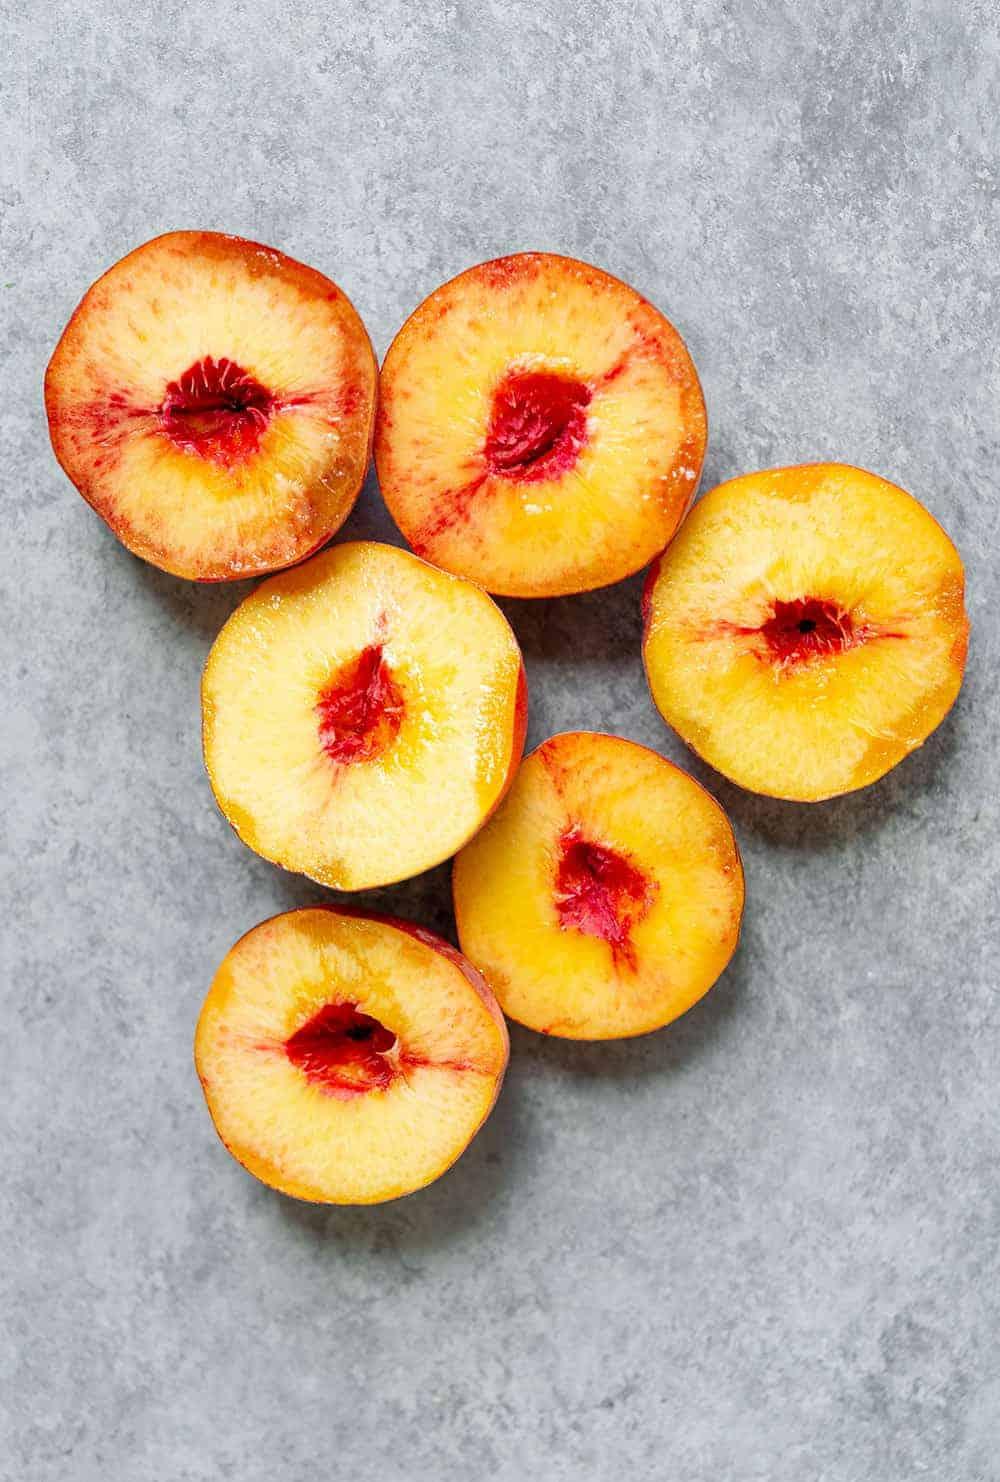 easy peach crisp for two